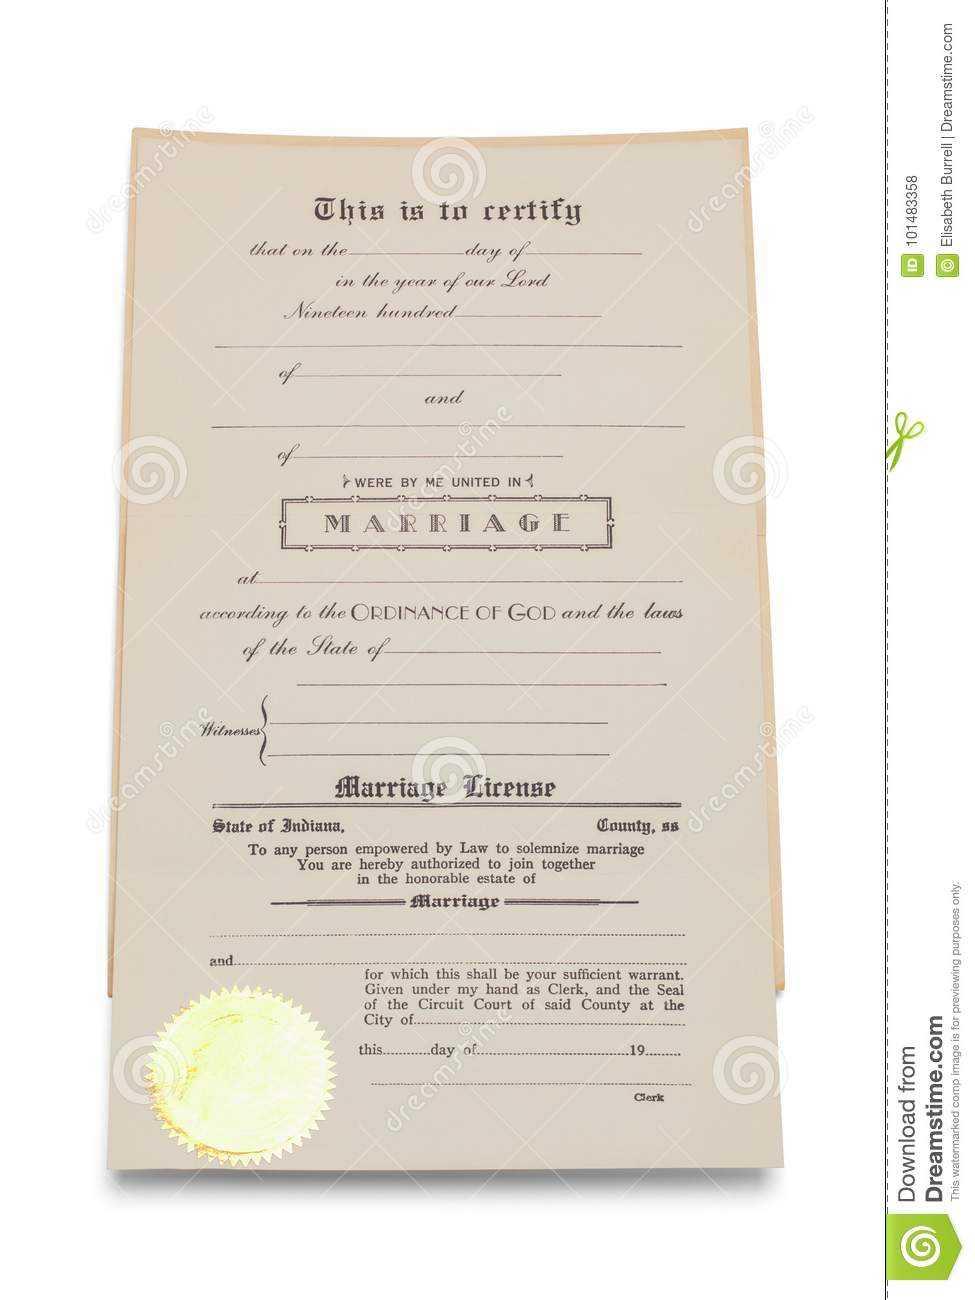 Ψηφιακά πλέον και ληξιαρχικά πιστοποιητικά (γάμου - βάπτισης)